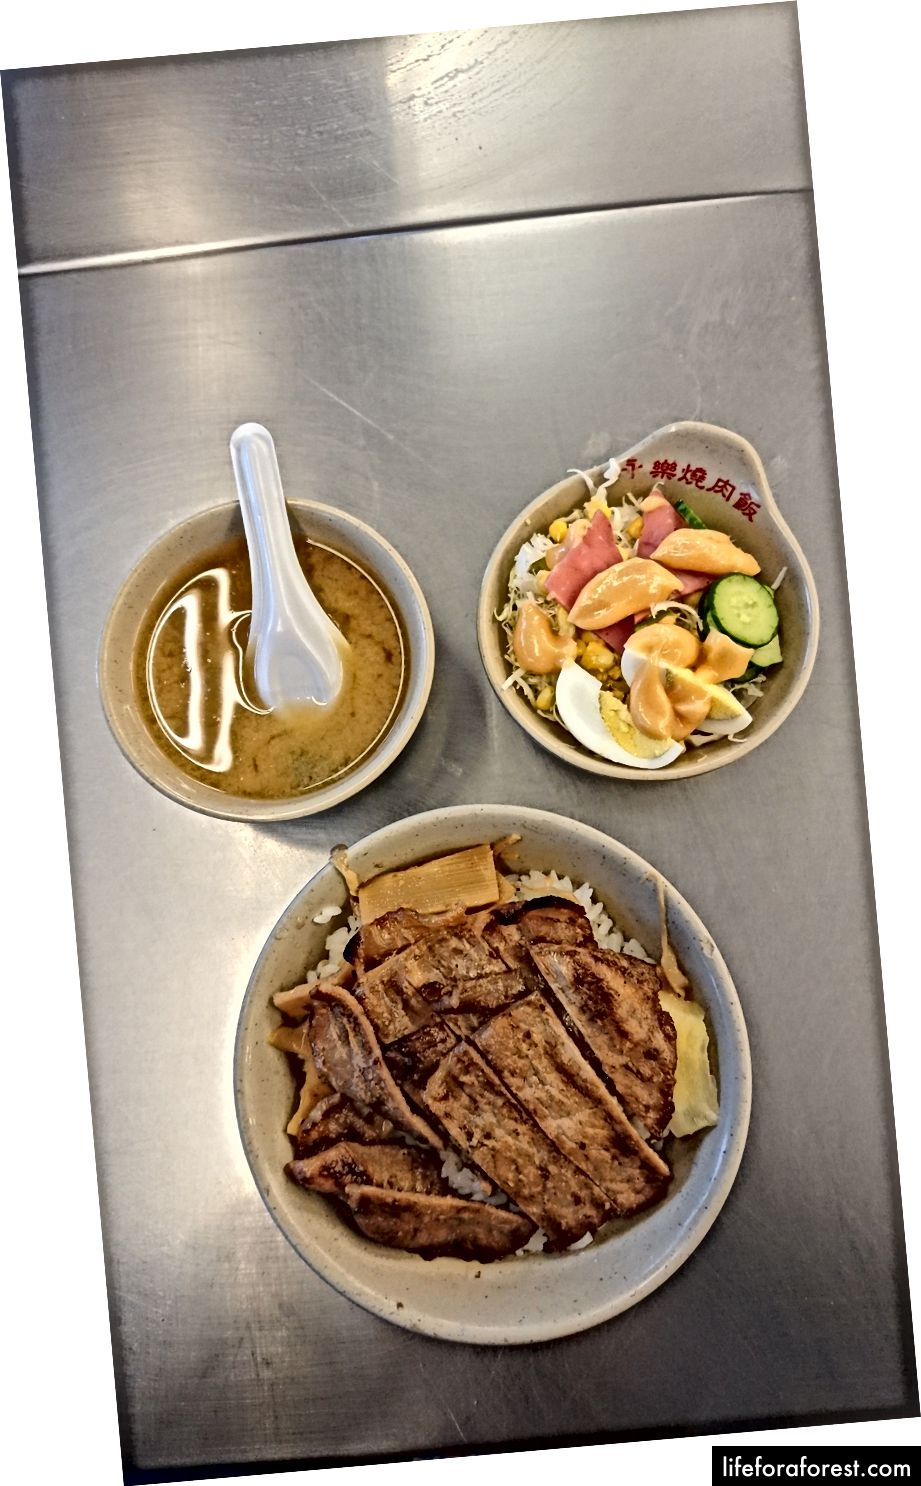 Yong-Le qovurilgan cho'chqa go'shti guruchi 燒肉 飯